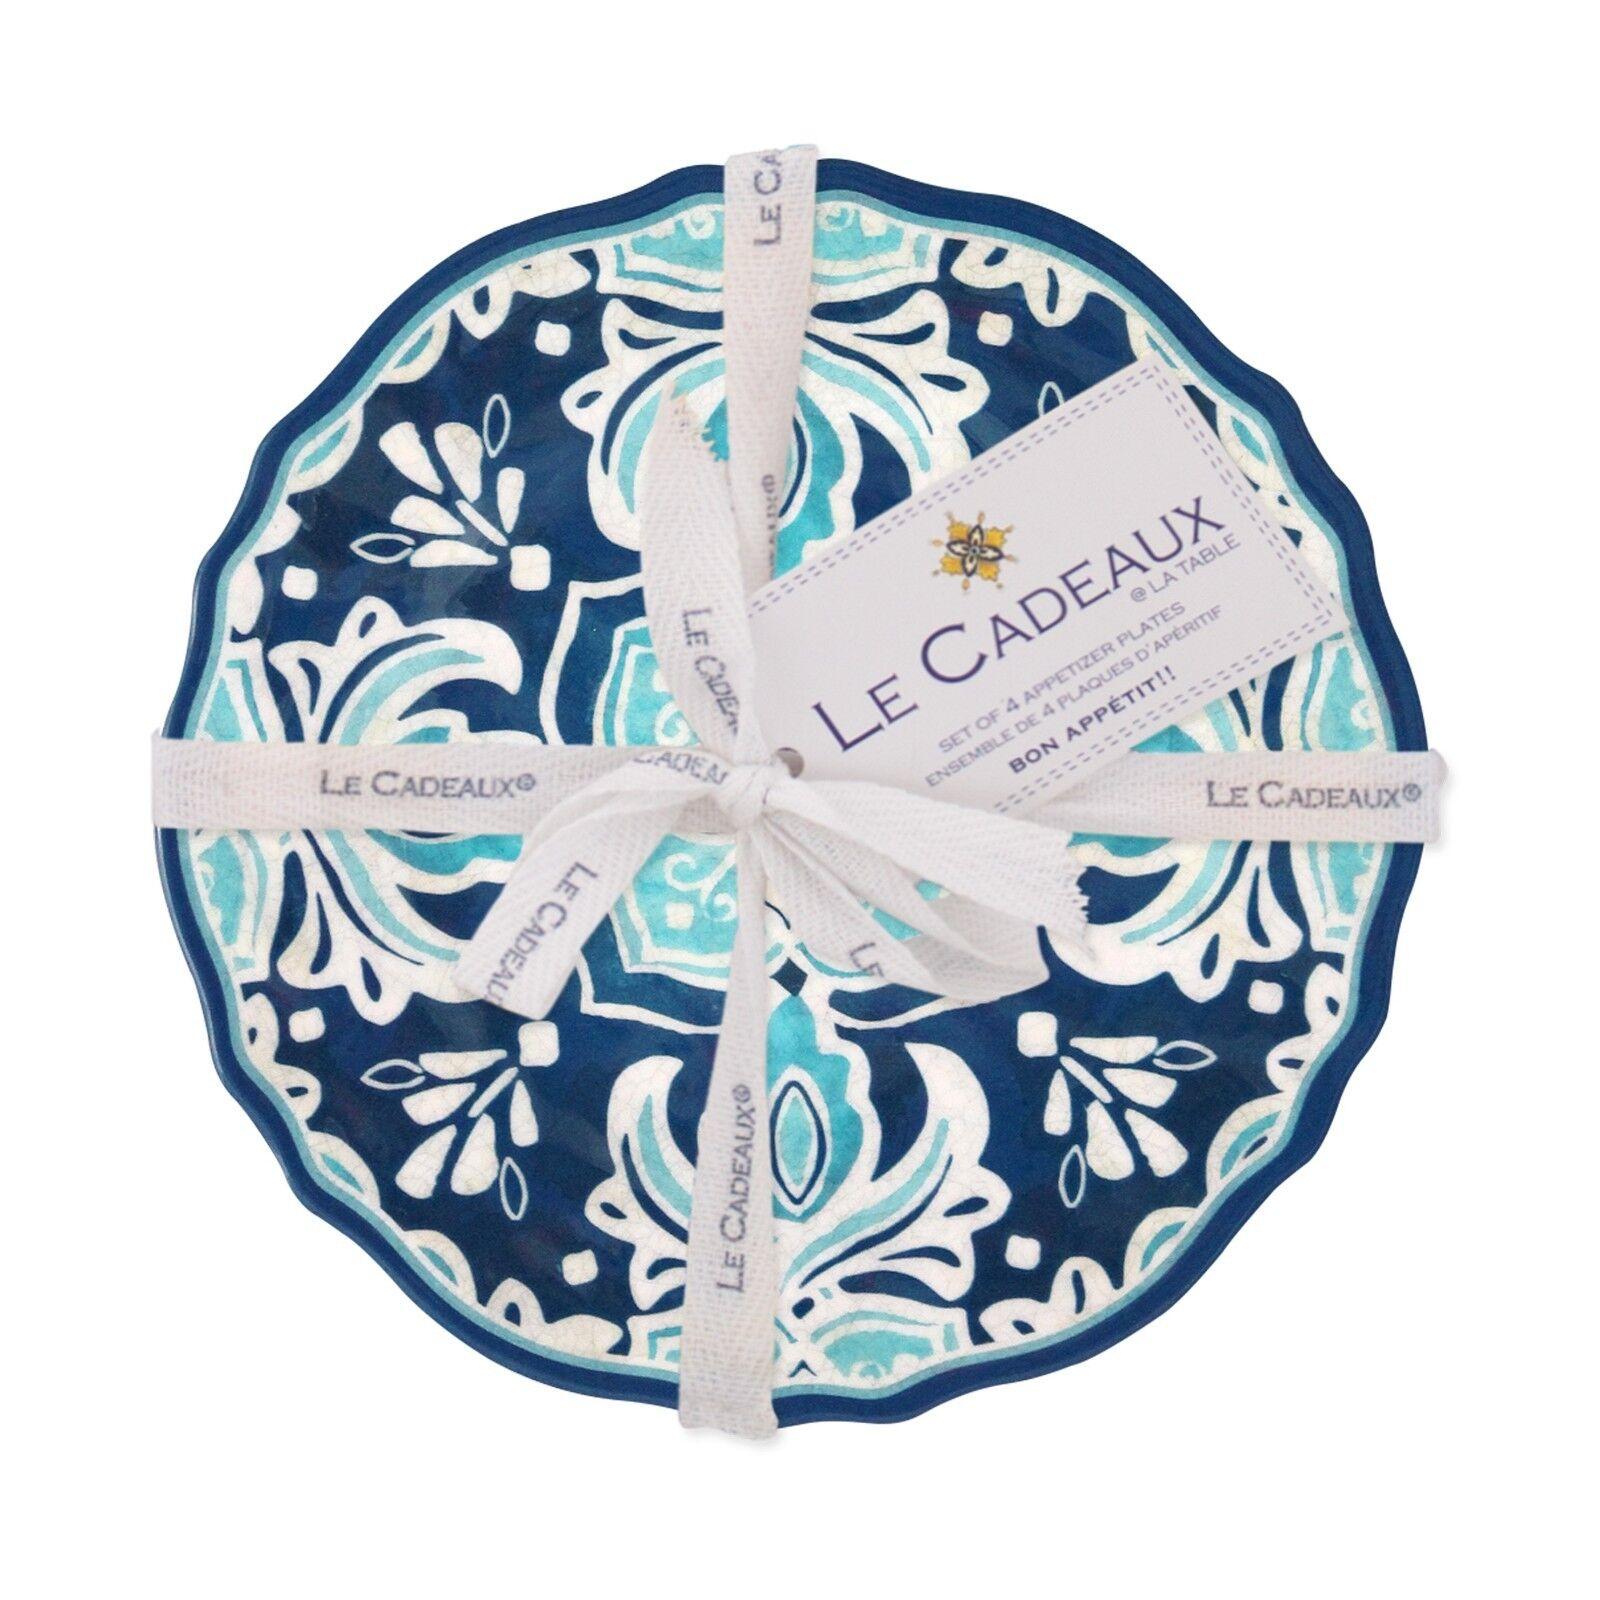 NEW Le Cadeaux Havana 4PC Melamine Appetizer Plate Set - Gift Giving